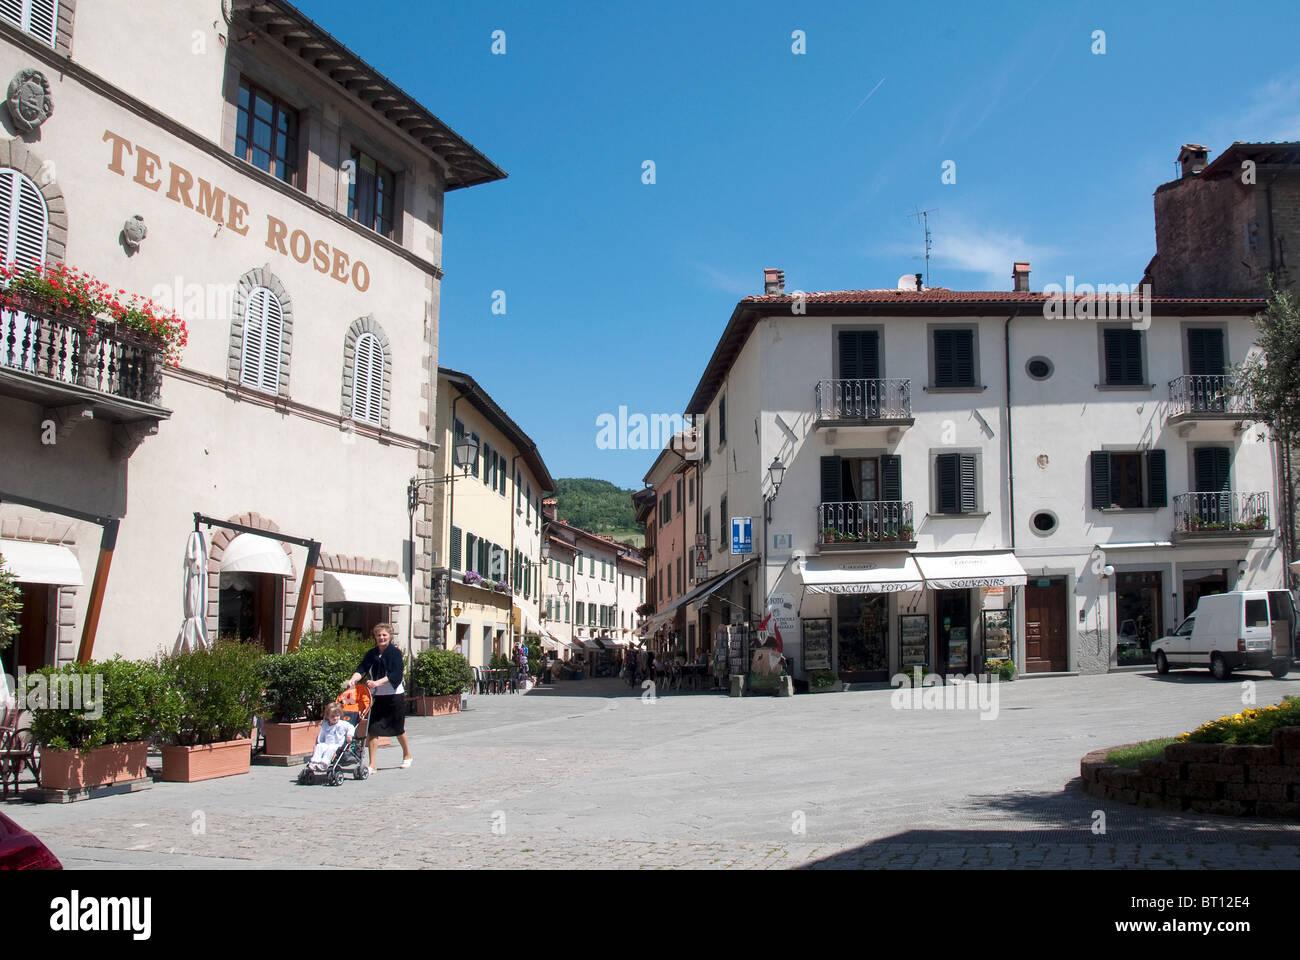 Bagno Di Romagna Stock Photos & Bagno Di Romagna Stock Images - Alamy